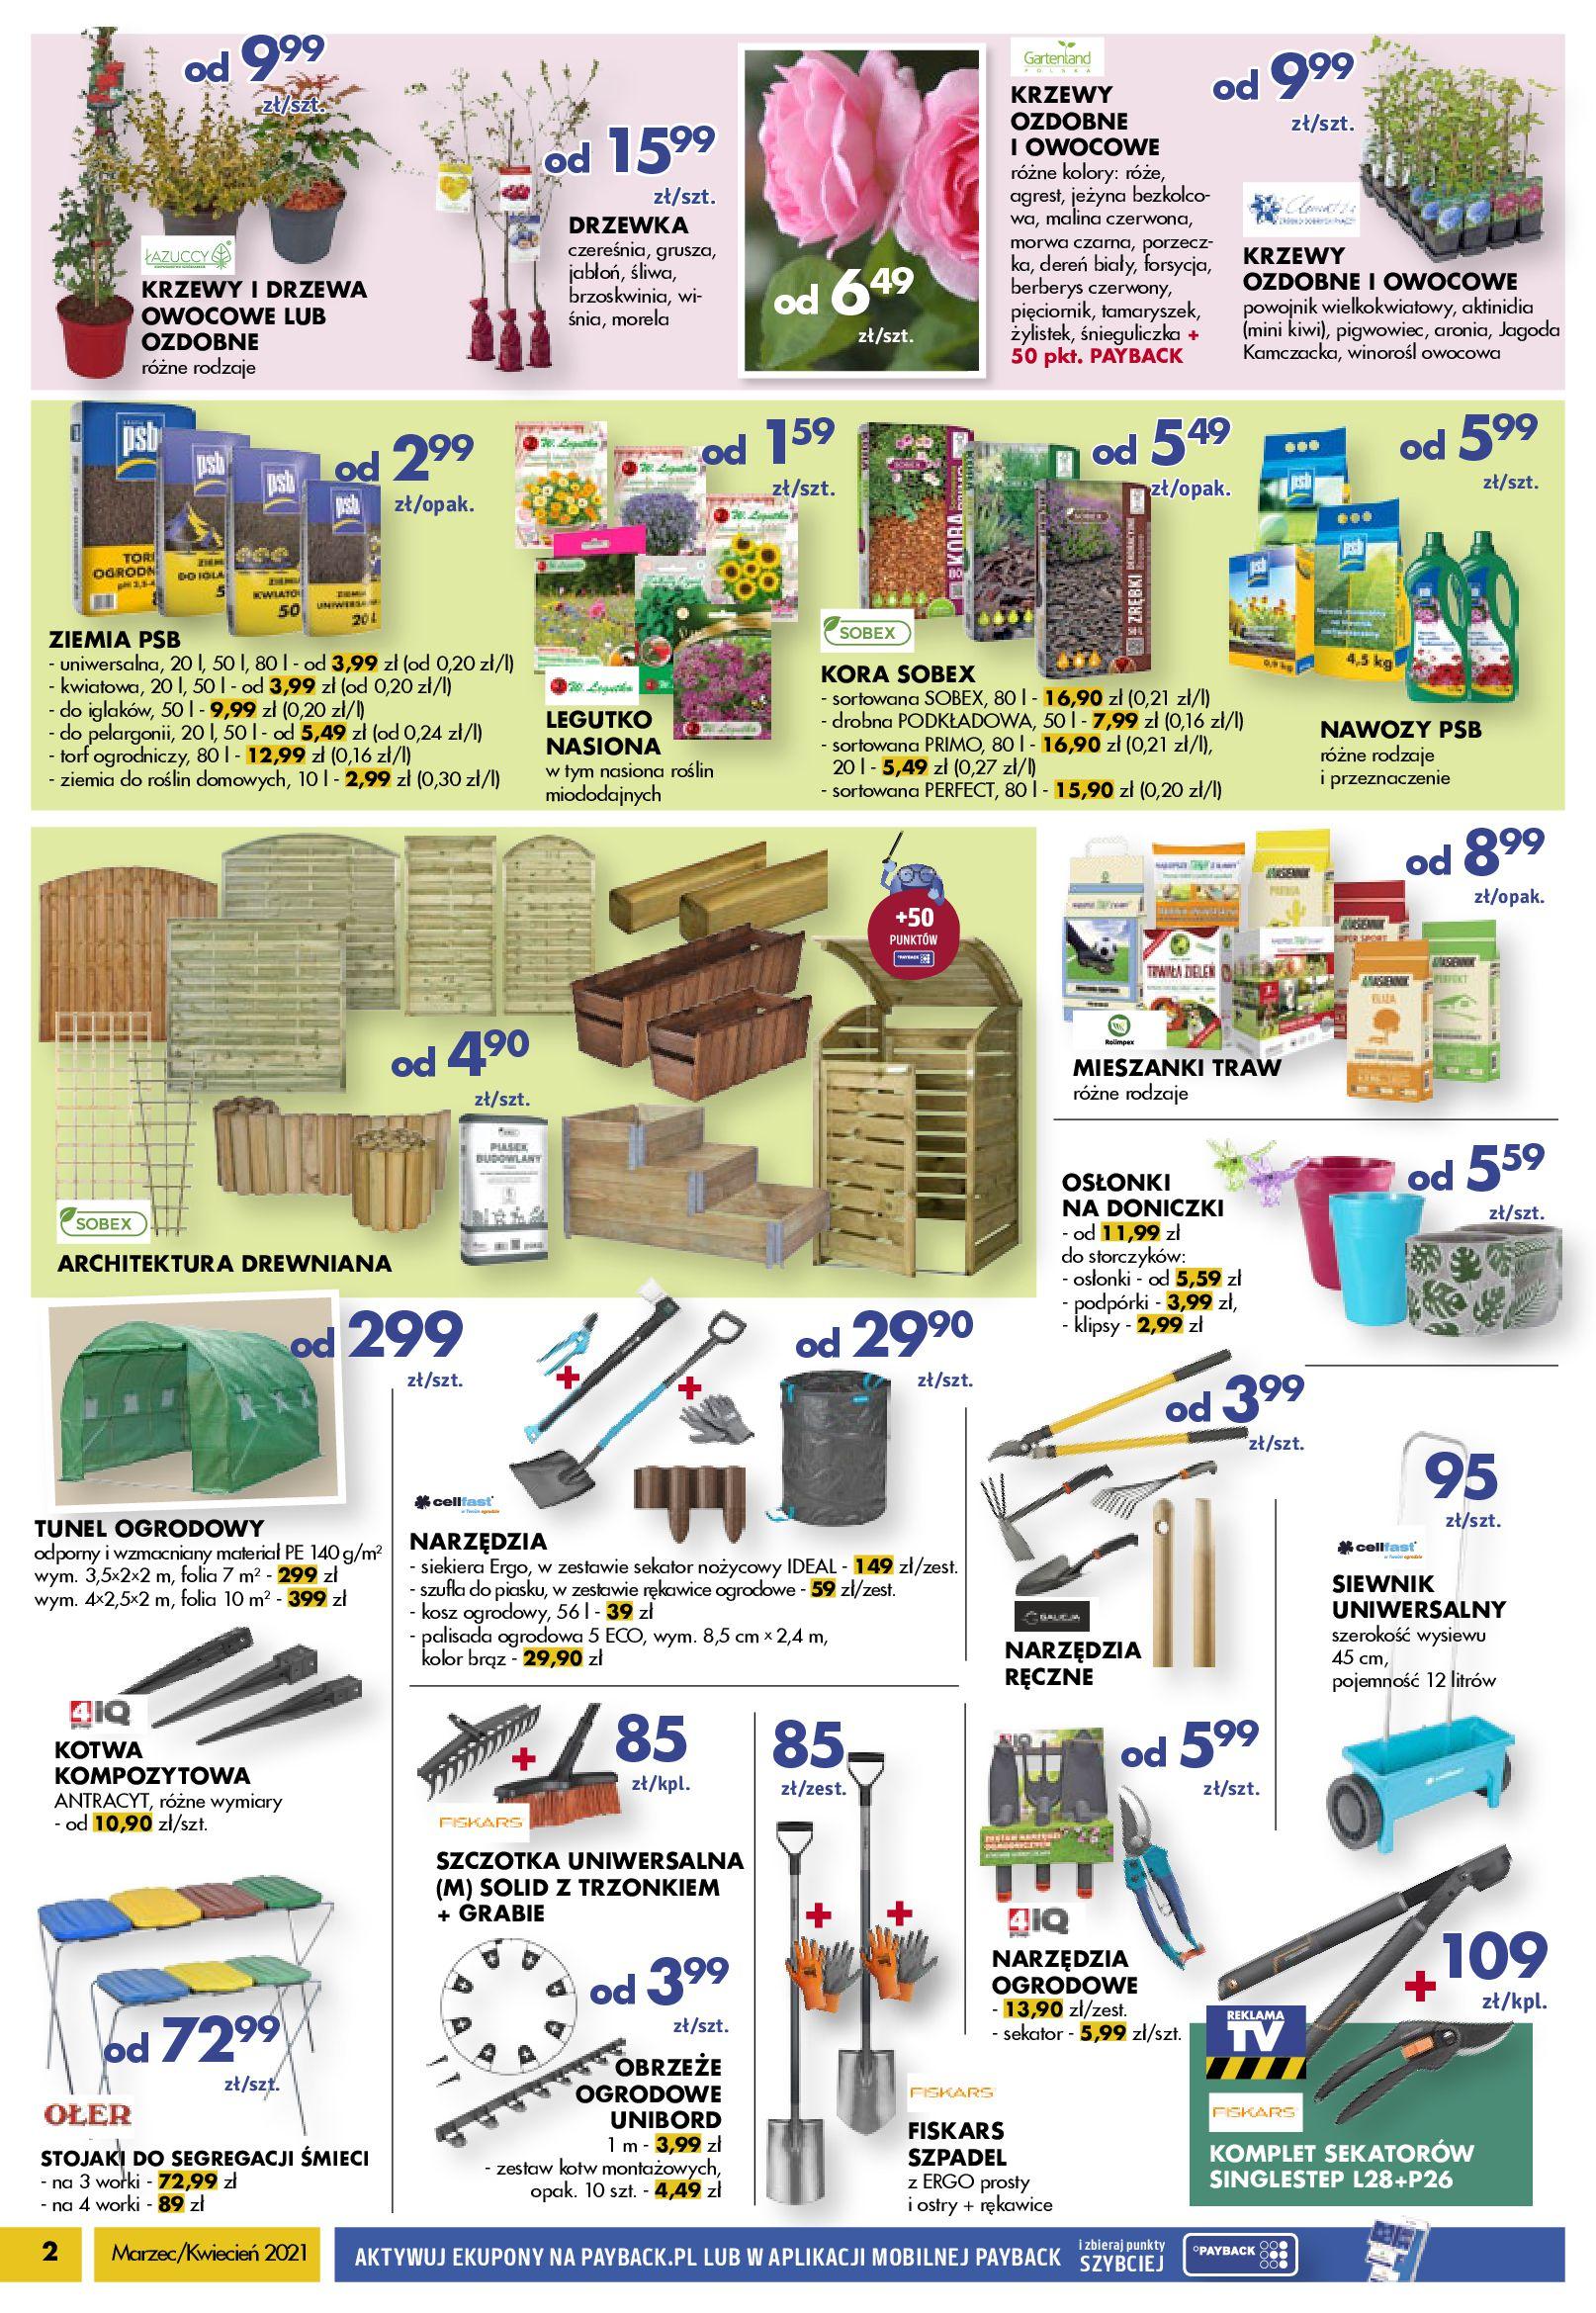 Gazetka PSB Mrówka: Katalog Marzec/Kwiecień 2021-03-26 page-2